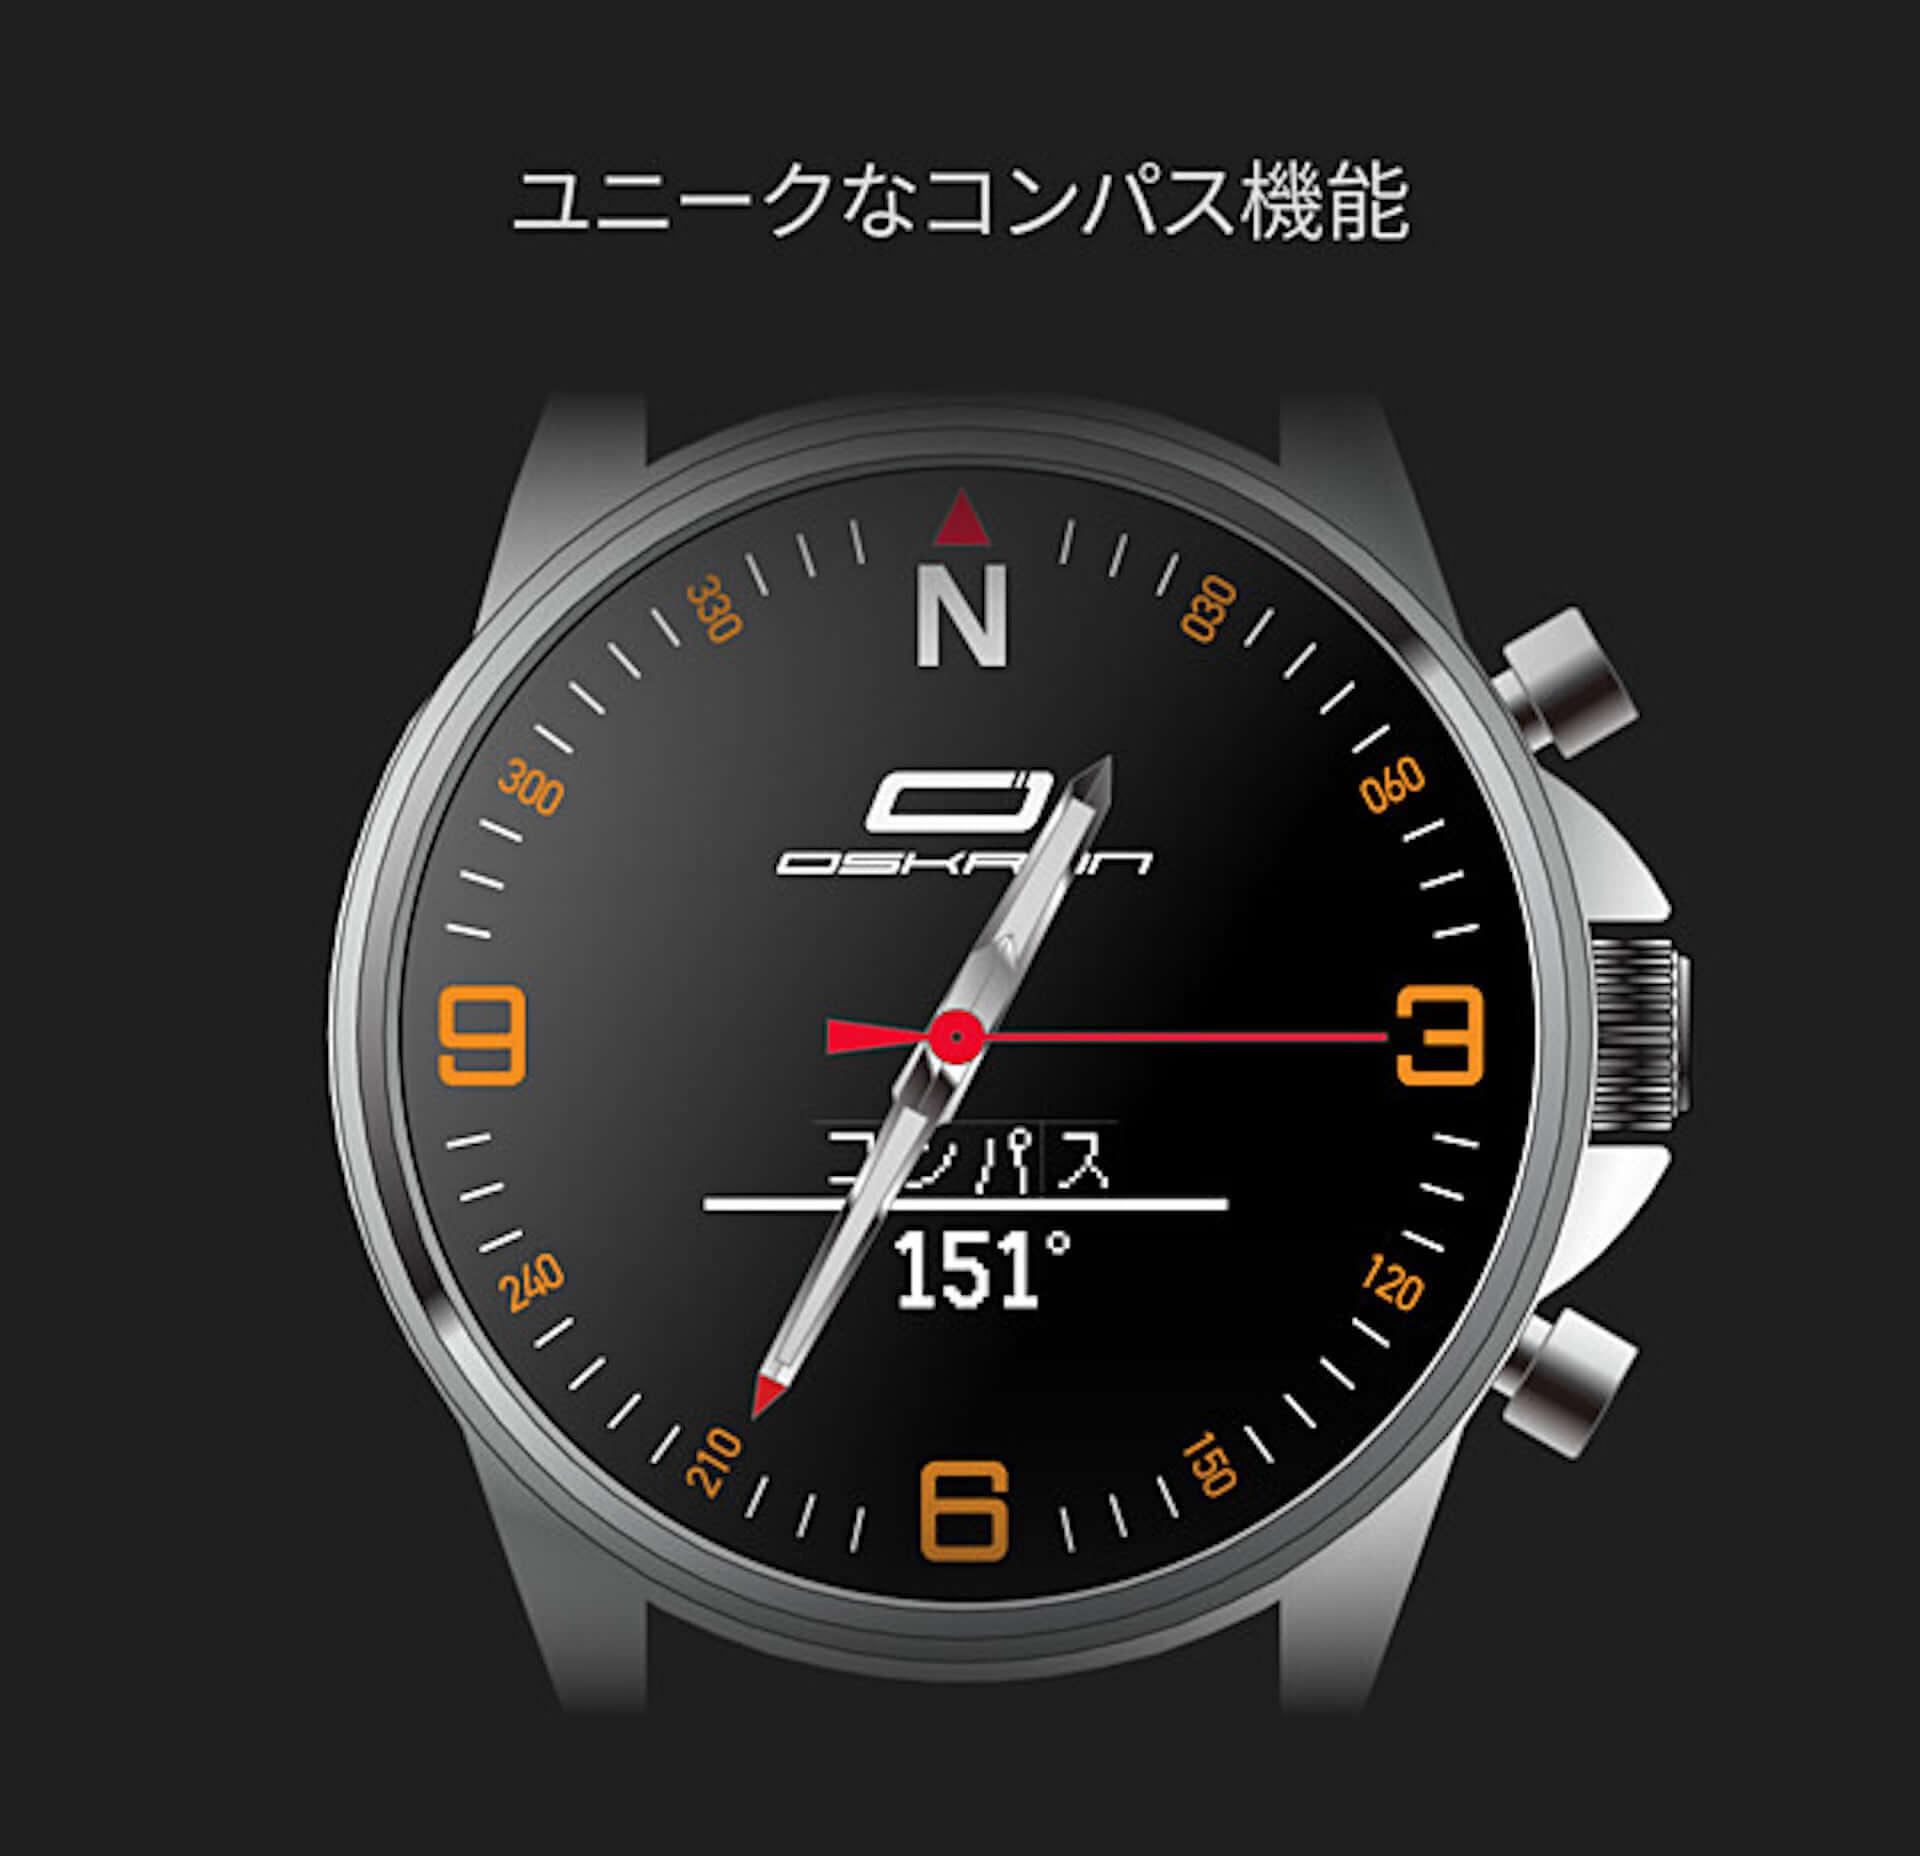 フル充電で約1週間動く!大人デザインなスマートウォッチ「OSKRON」が日本初上陸 tech190821oskron_6-1920x1856